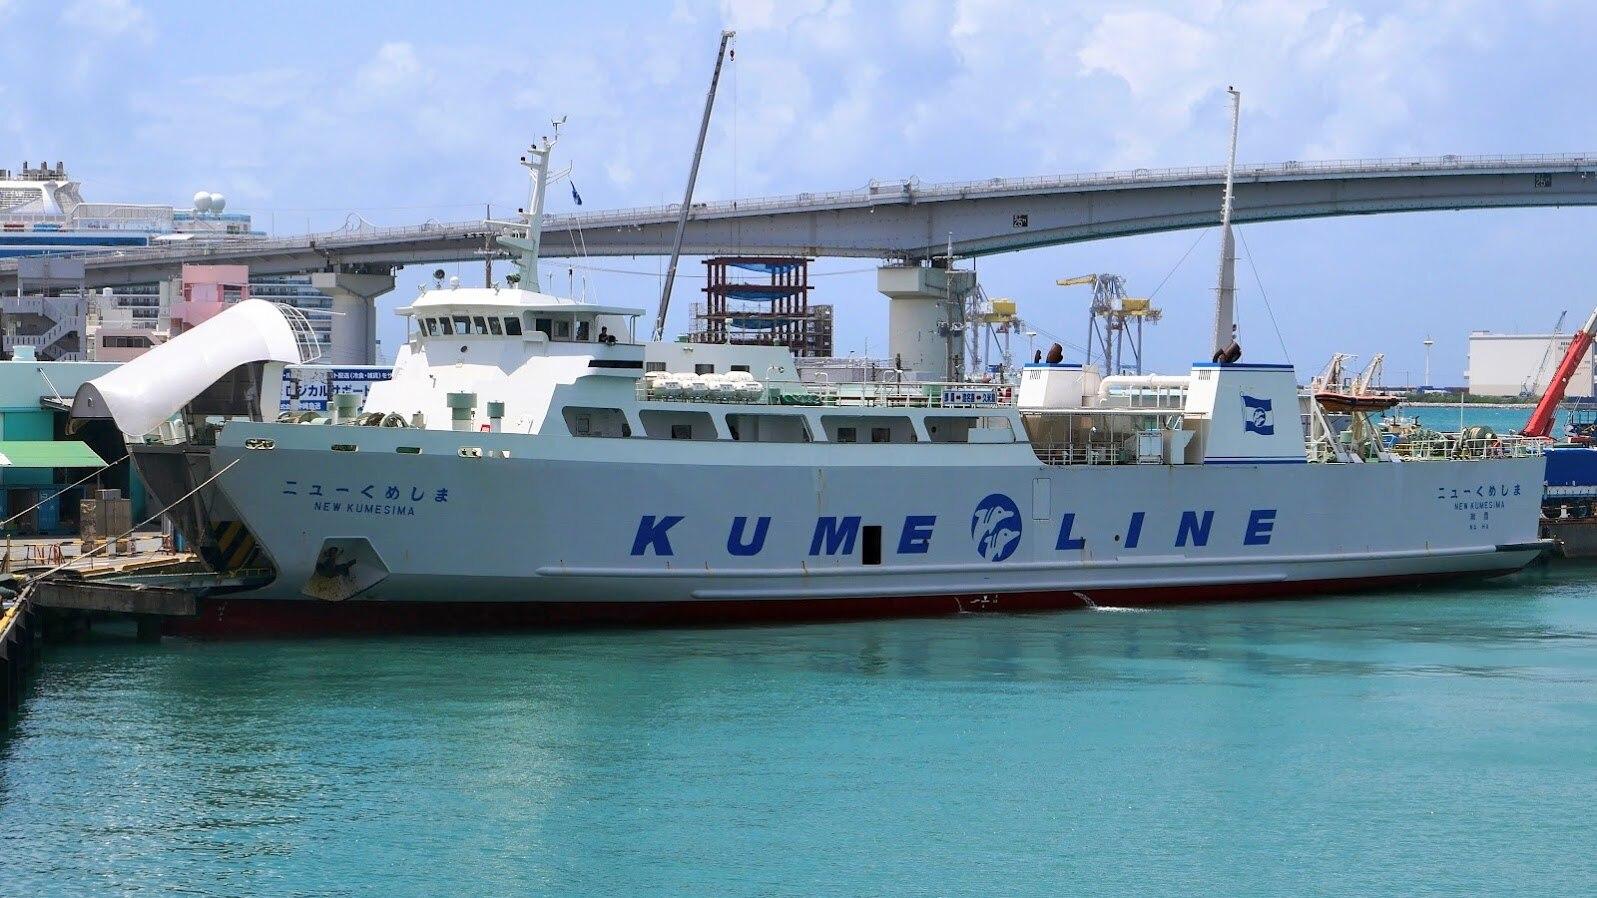 久米商船で行く久米島弾丸フェリー旅|離島の魅力はここにある!